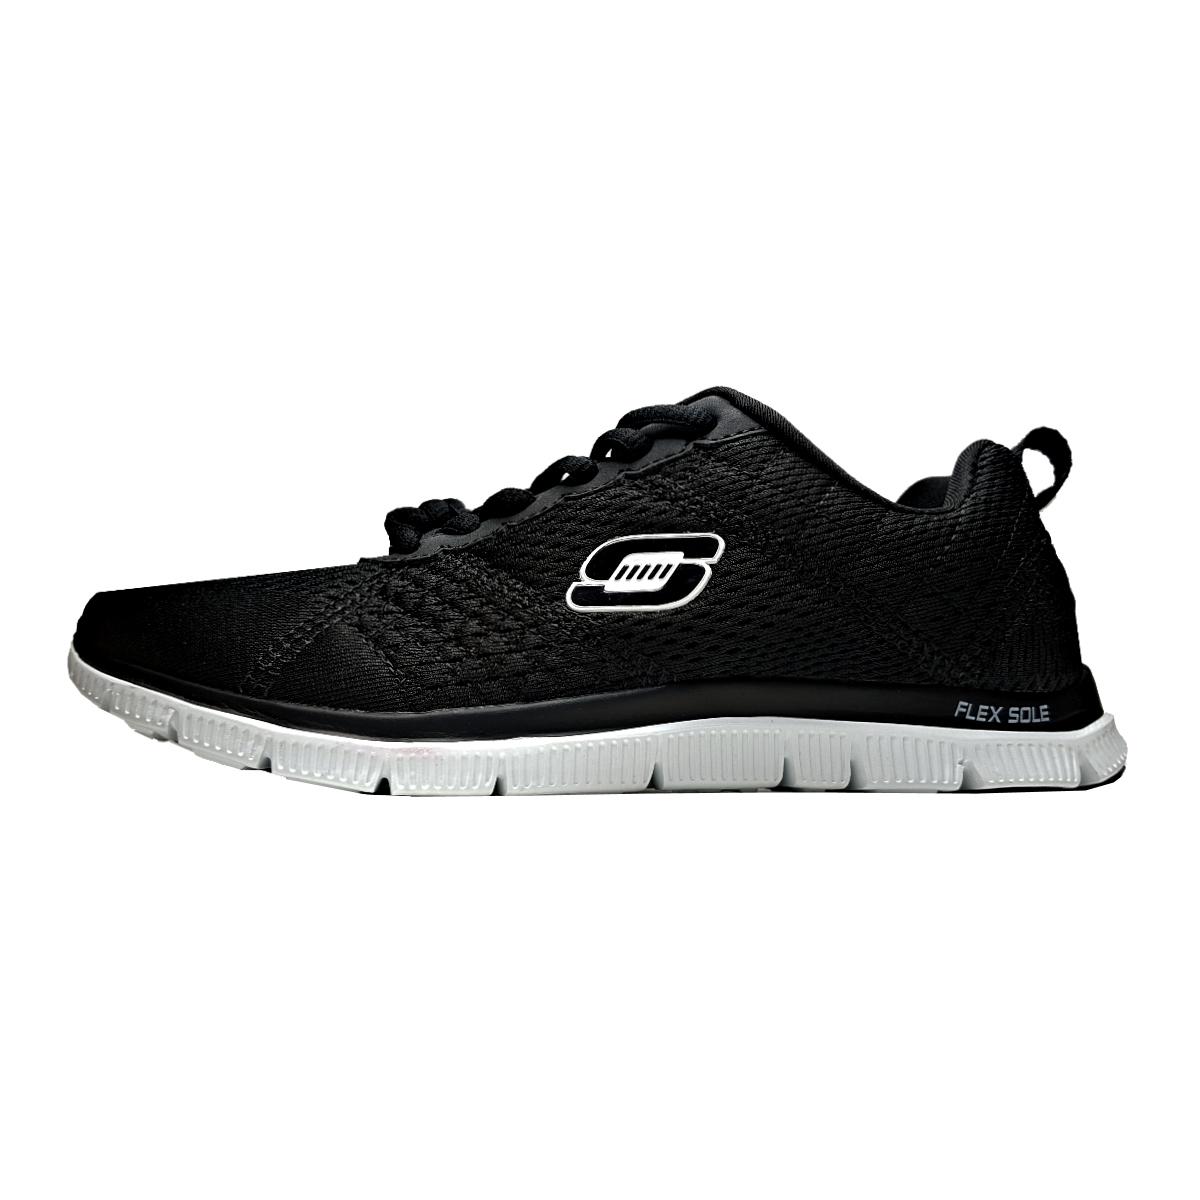 خرید کفش مخصوص پیاده روی زنانه اسکچرز مدل Flex Sole